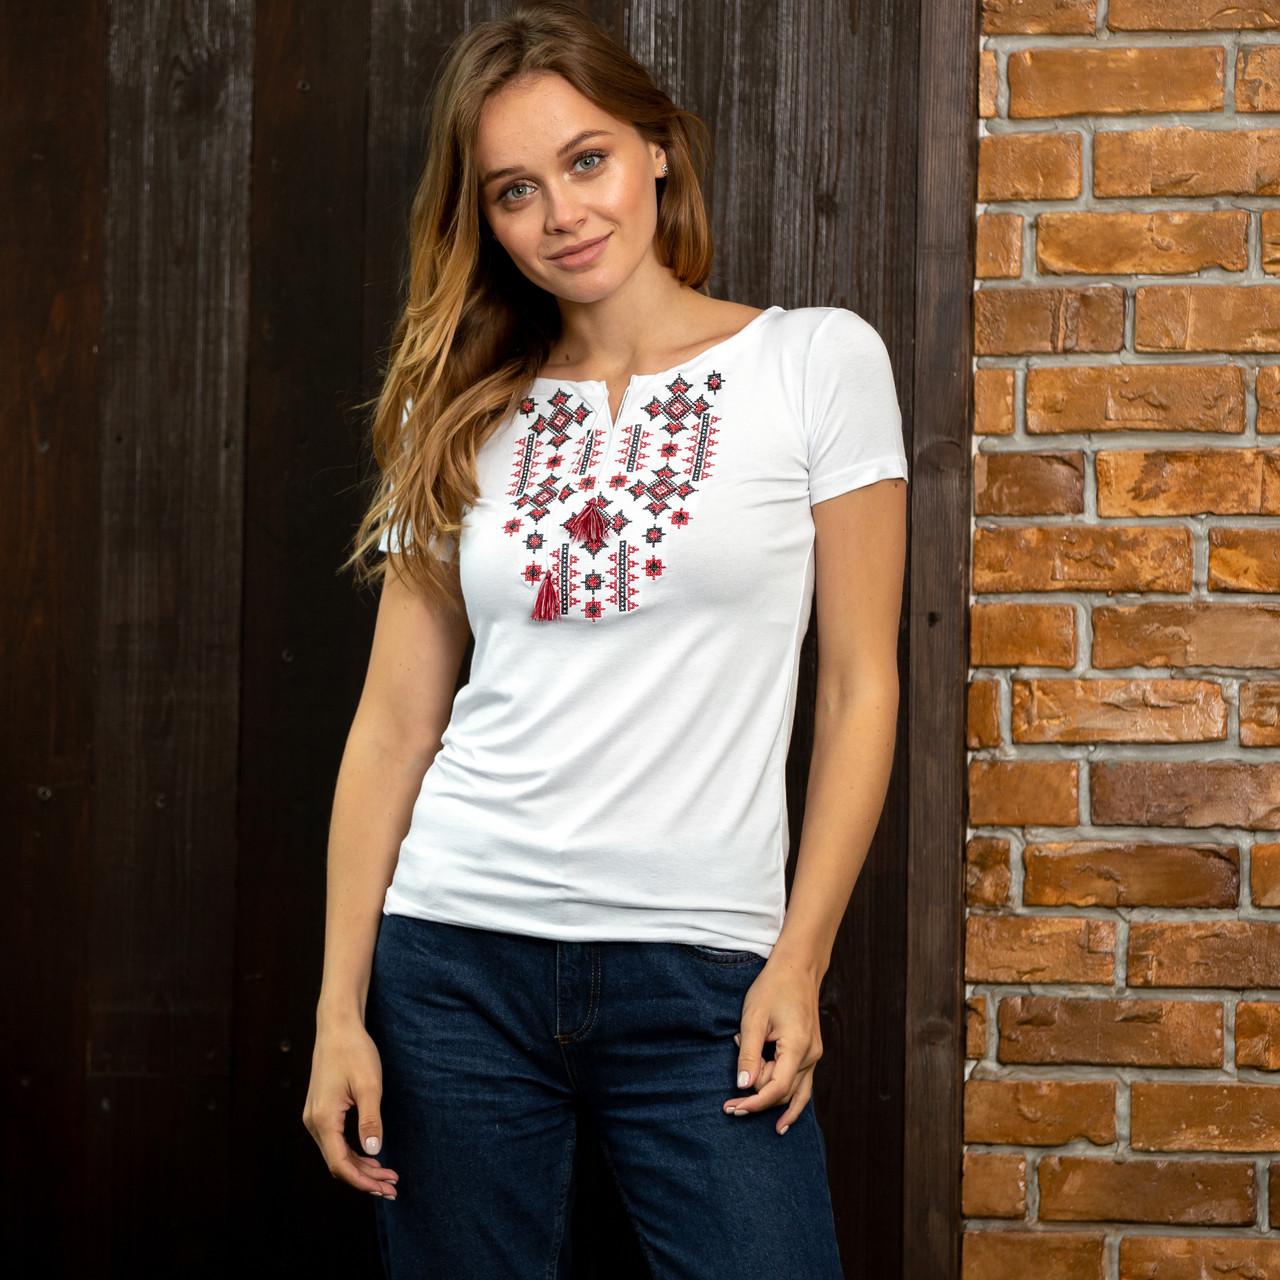 Белая женская футболка вышиванка Орнамент красный